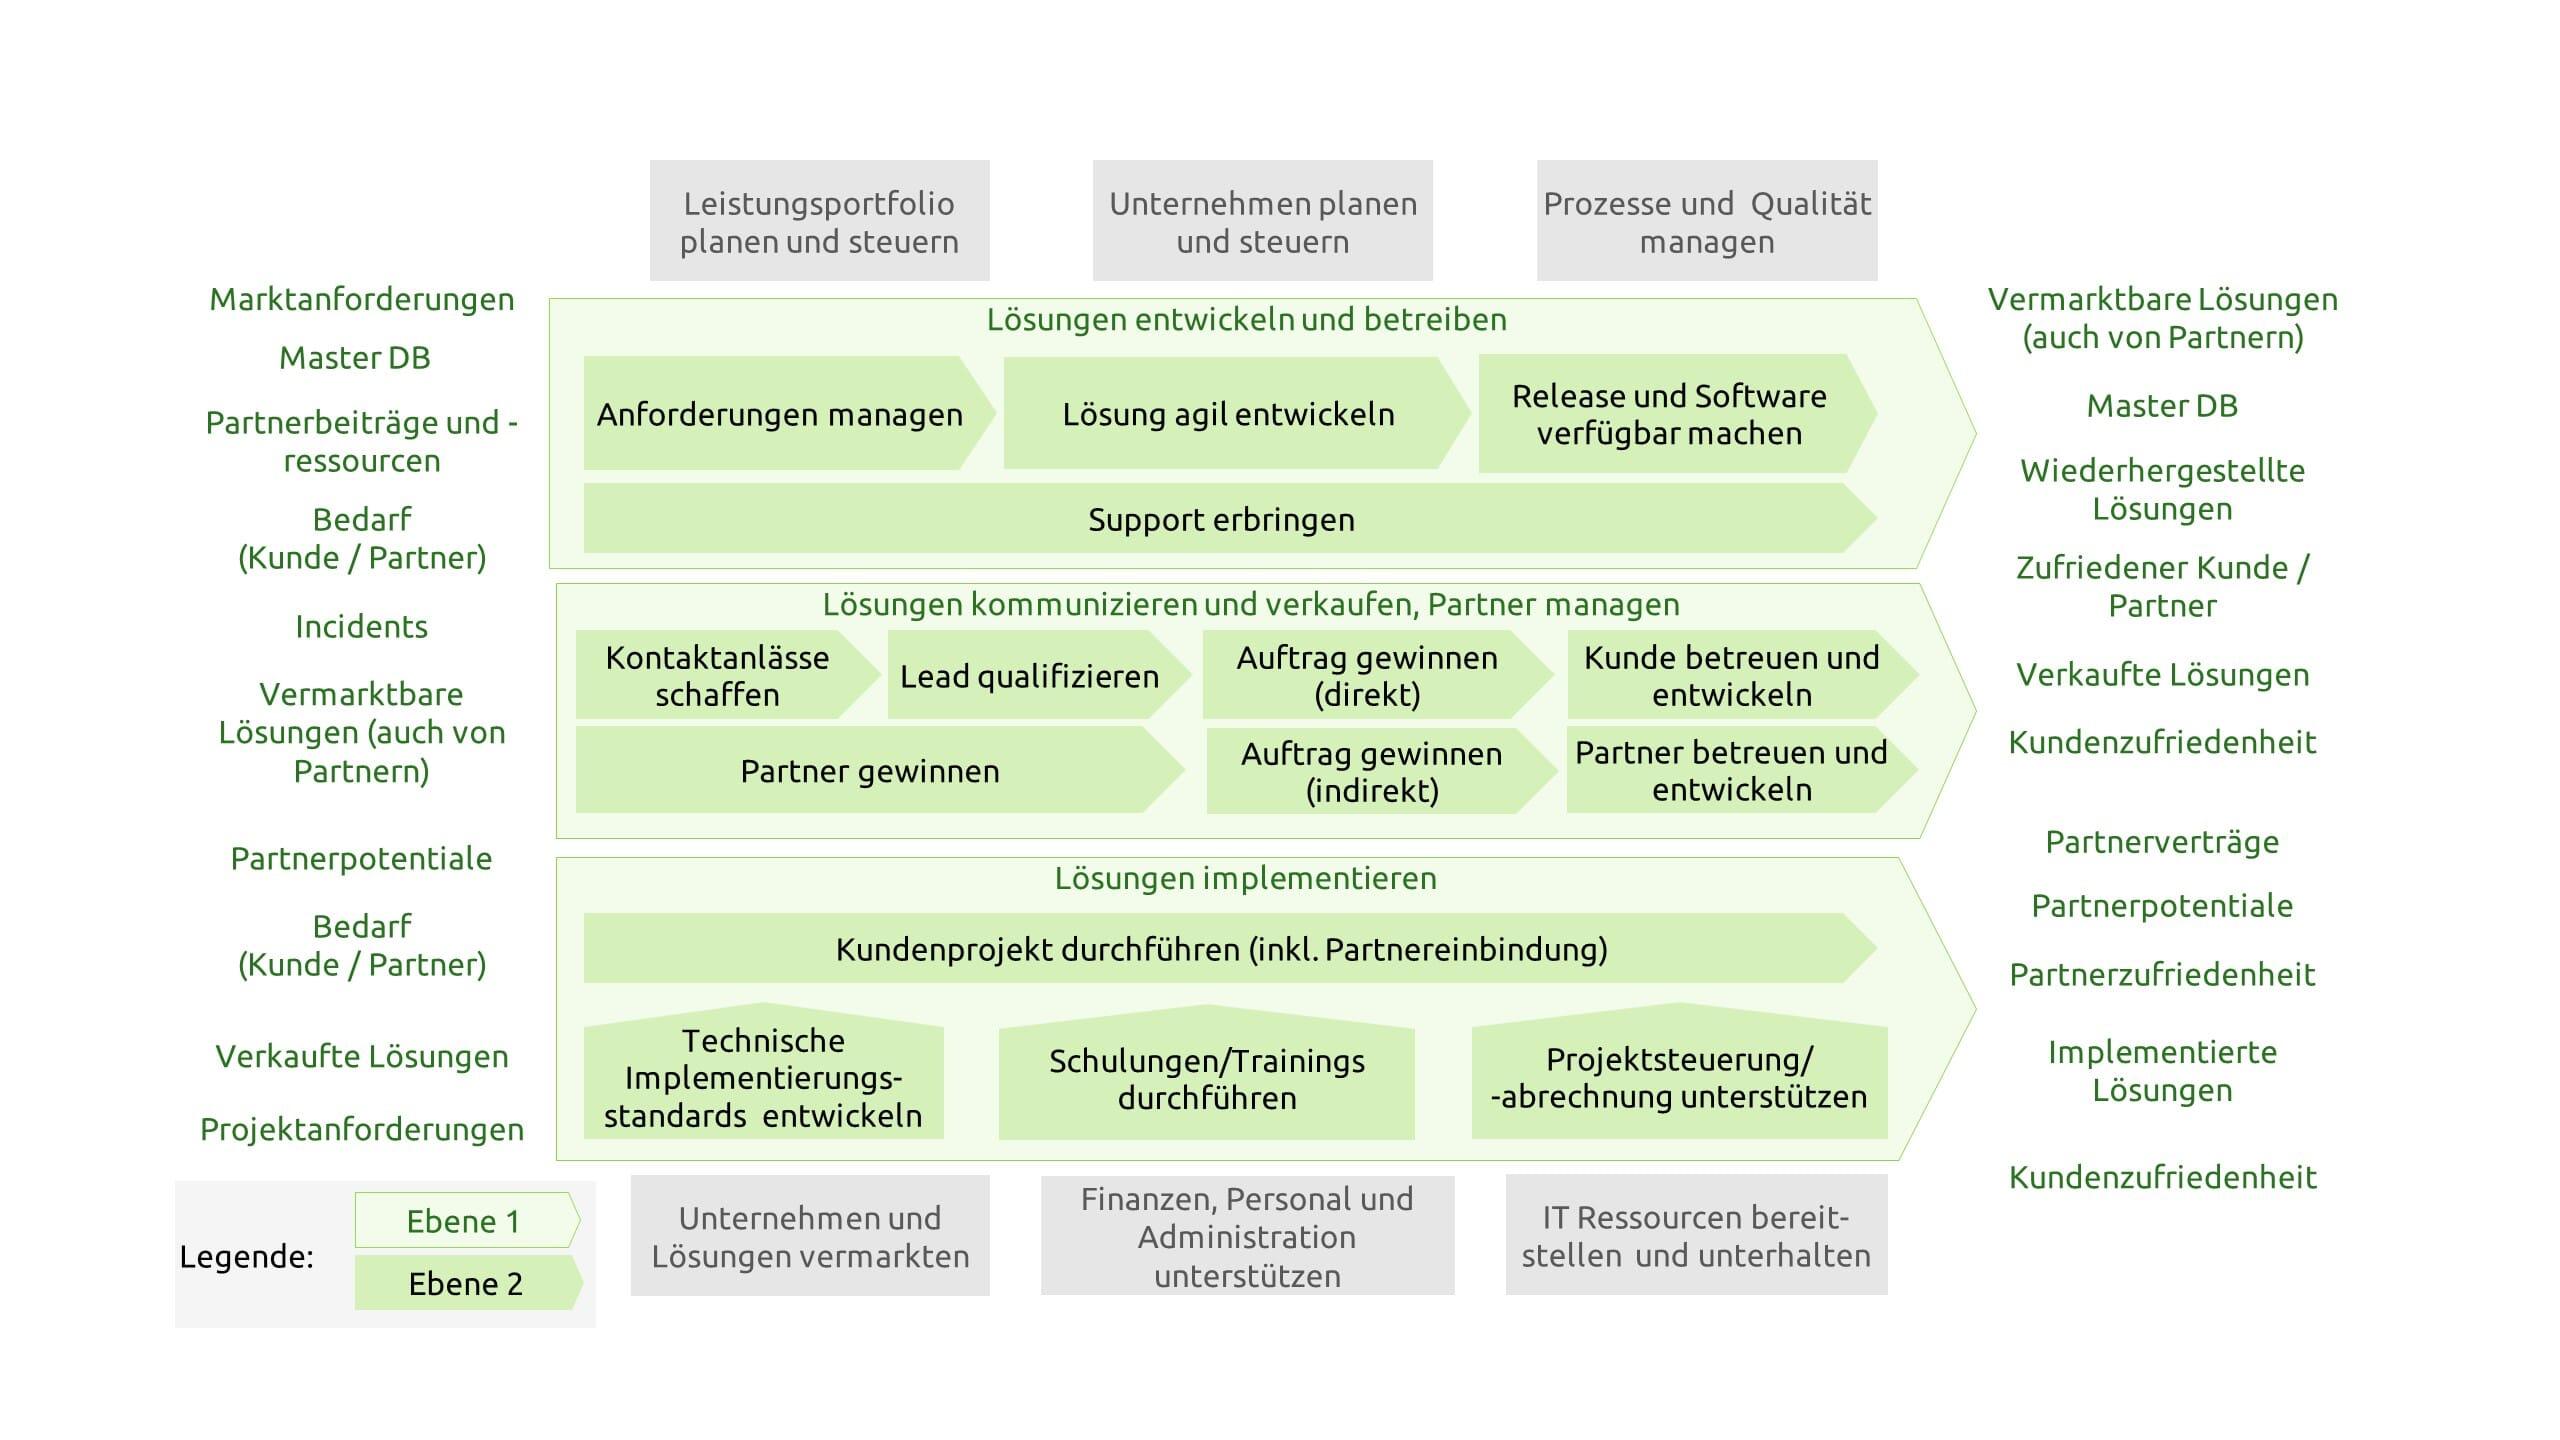 Beispiellandkarte für eine Prozessorganisation